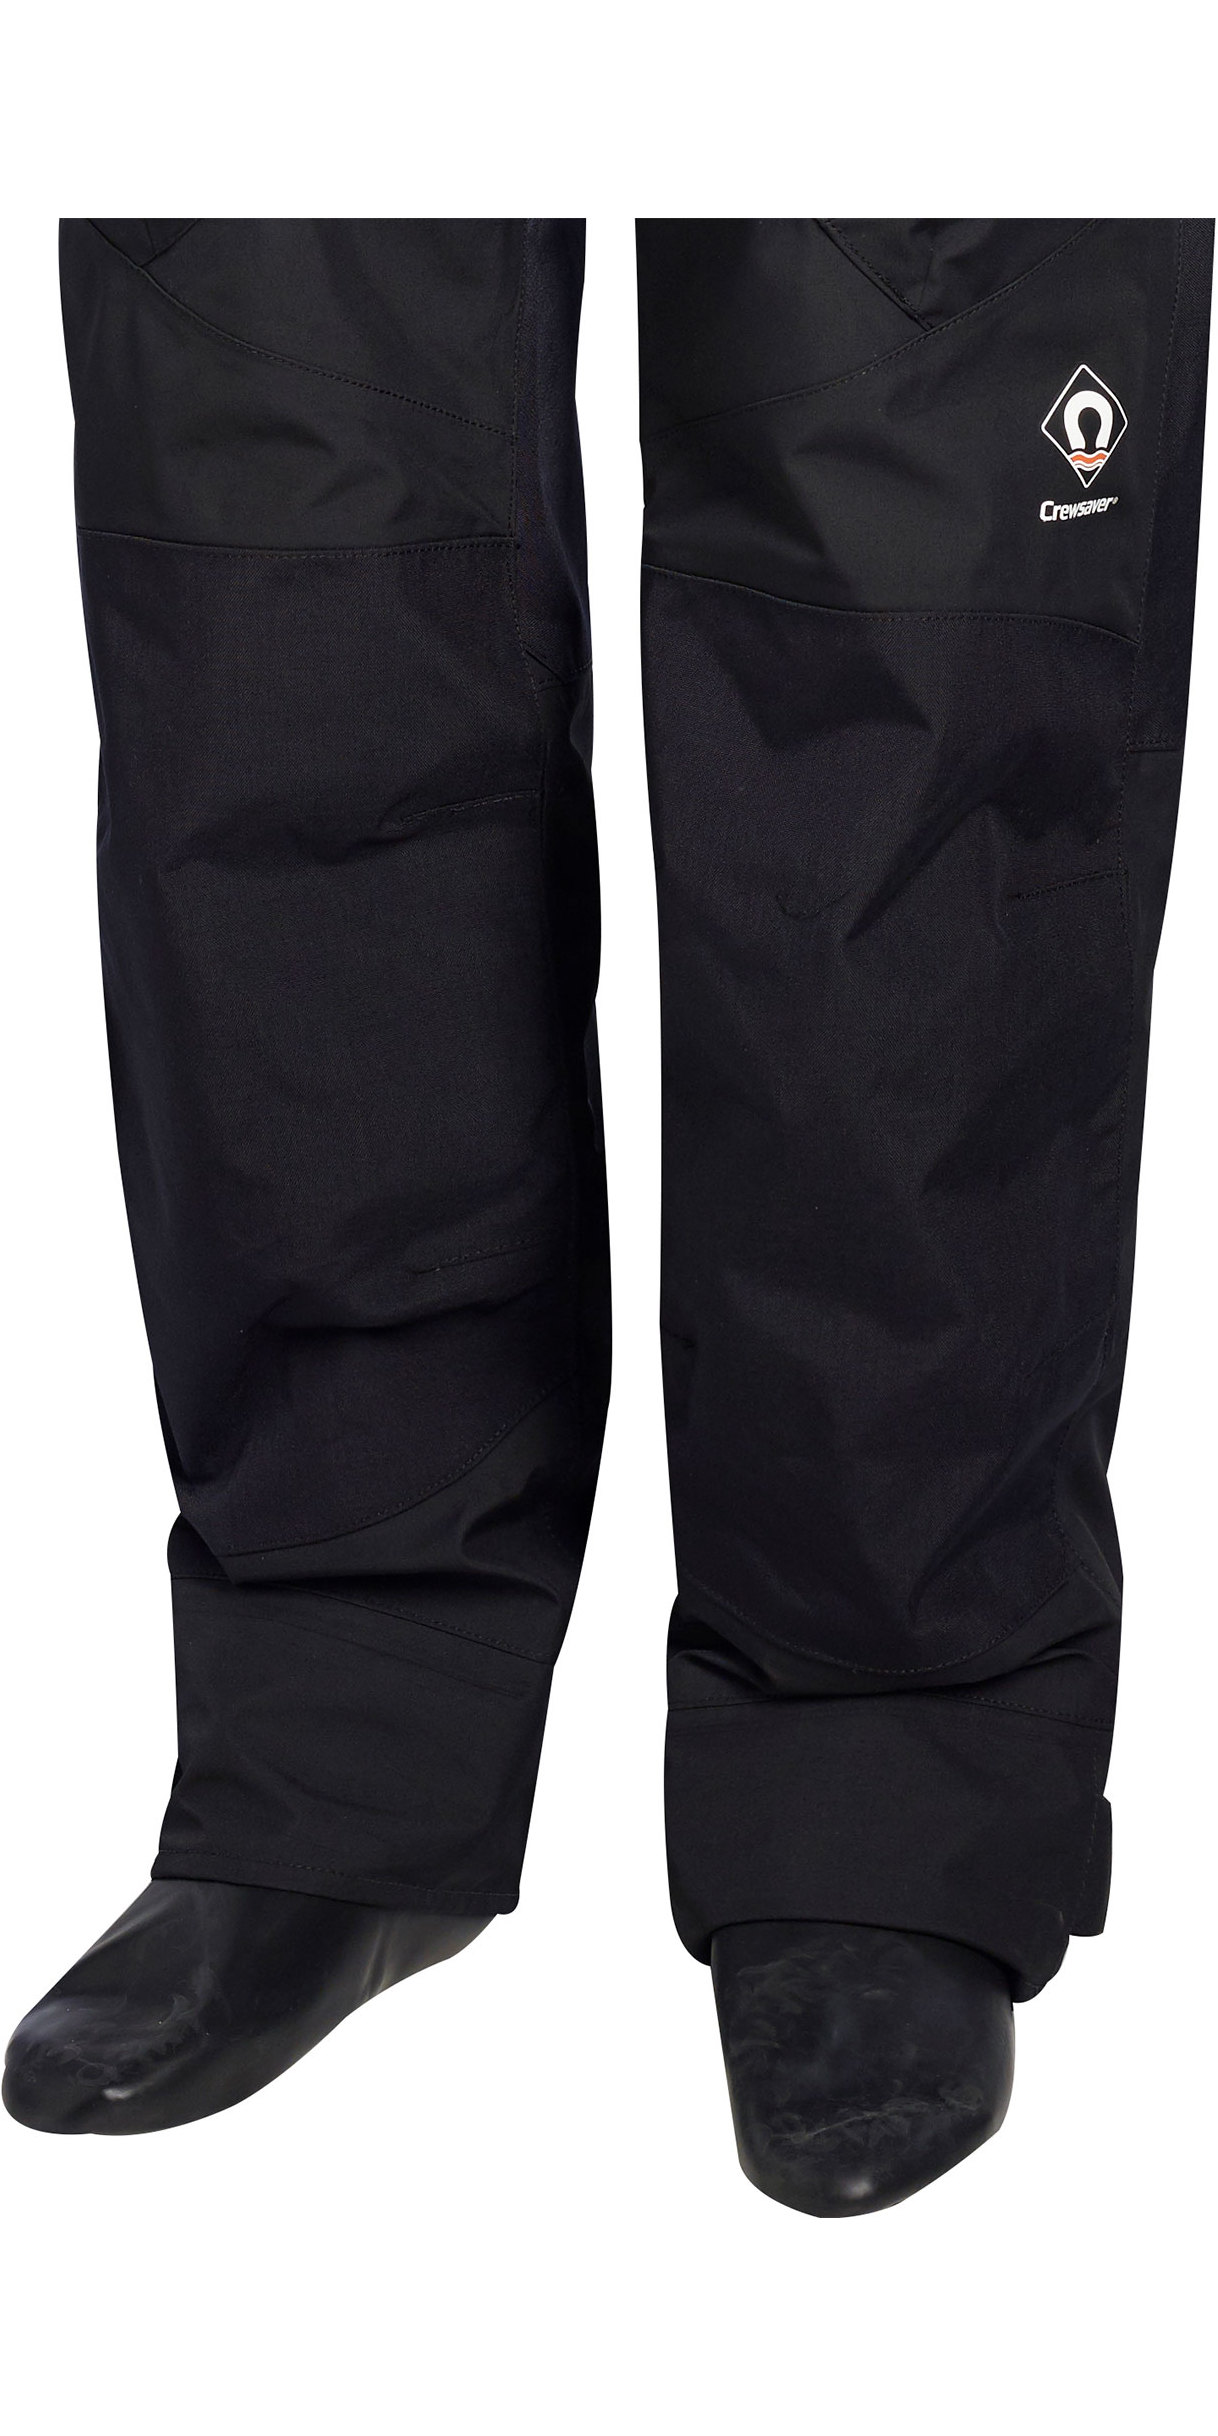 2020 Crewsaver Junior Atacama Pro Drysuit INCLUDING UNDERSUIT BLACK 6556J